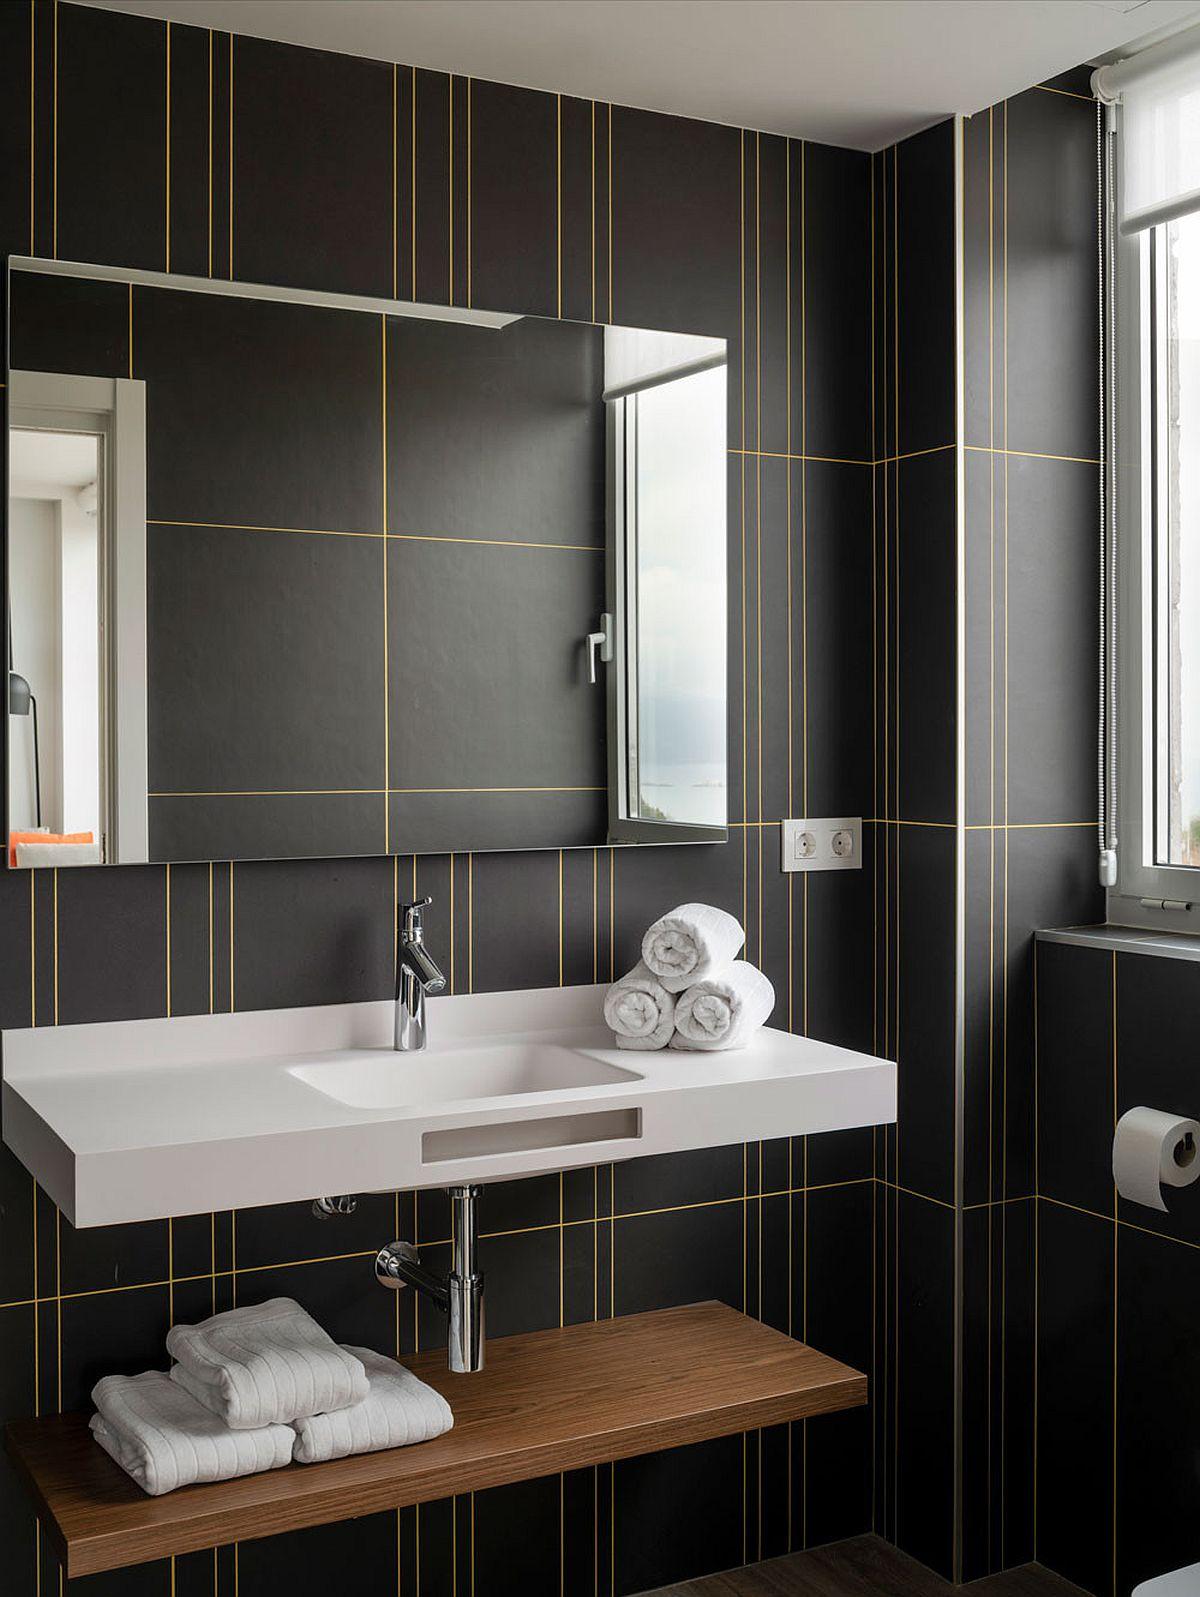 L'utilisation fringante de lignes jaunes d'une manière minimaliste vole la vedette dans cette salle de bain gris foncé